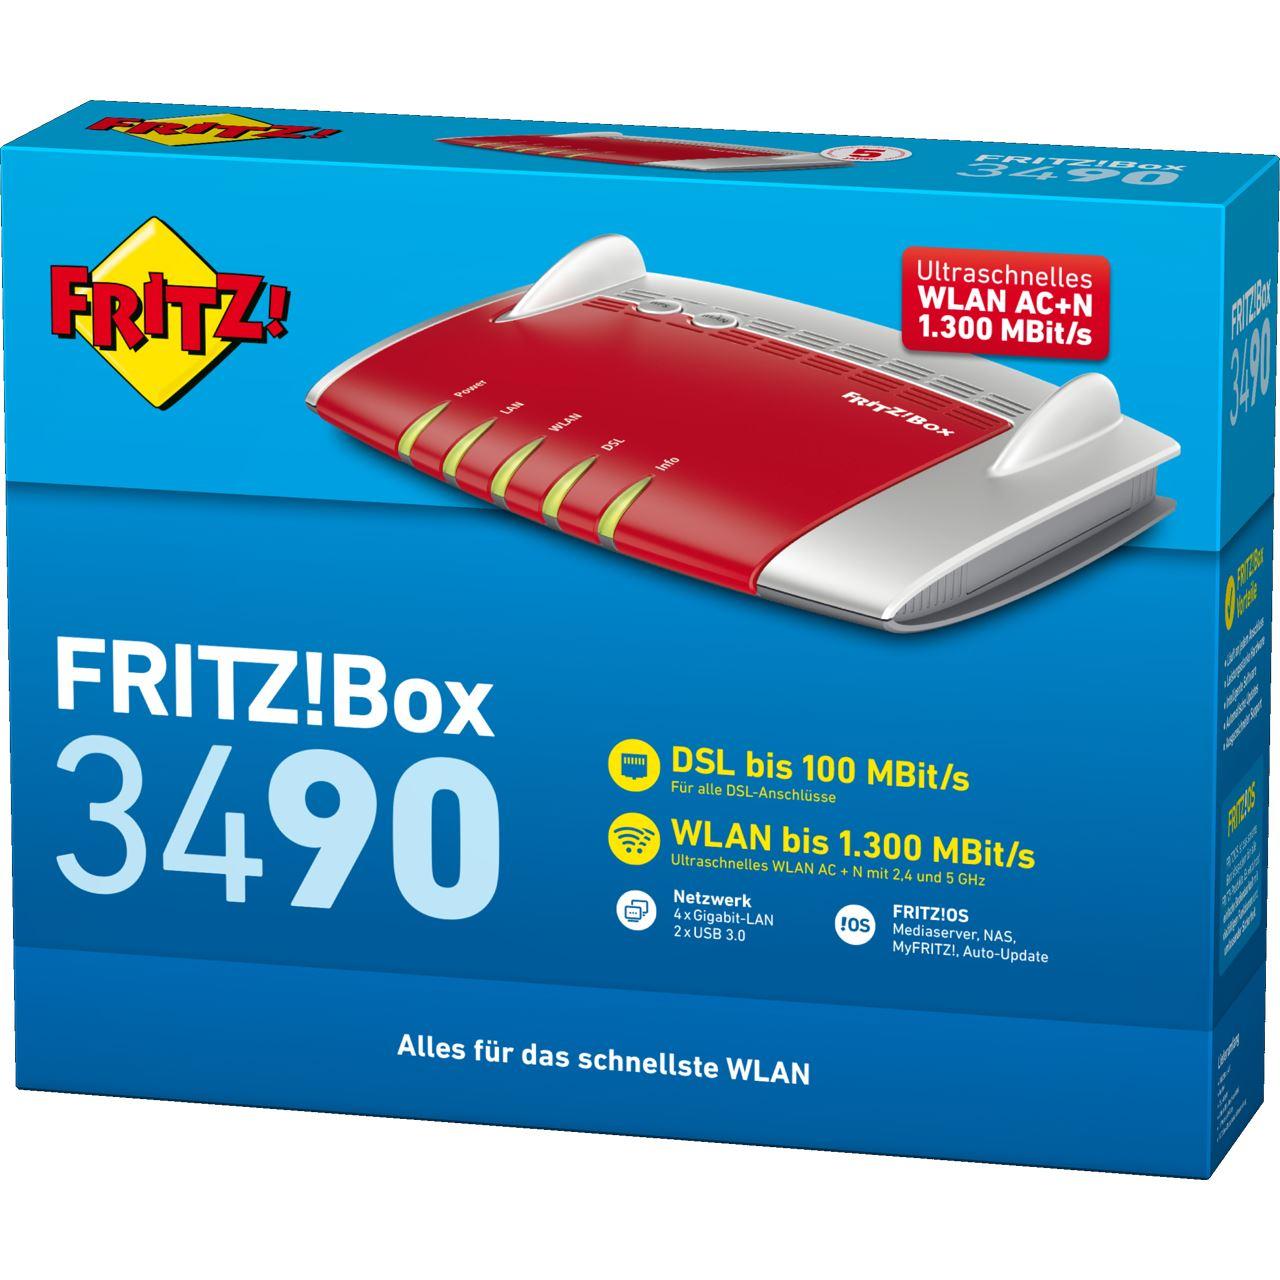 AVM FRITZ!Box 3490 Wireless Router + Modem (20002680) - WLAN ...